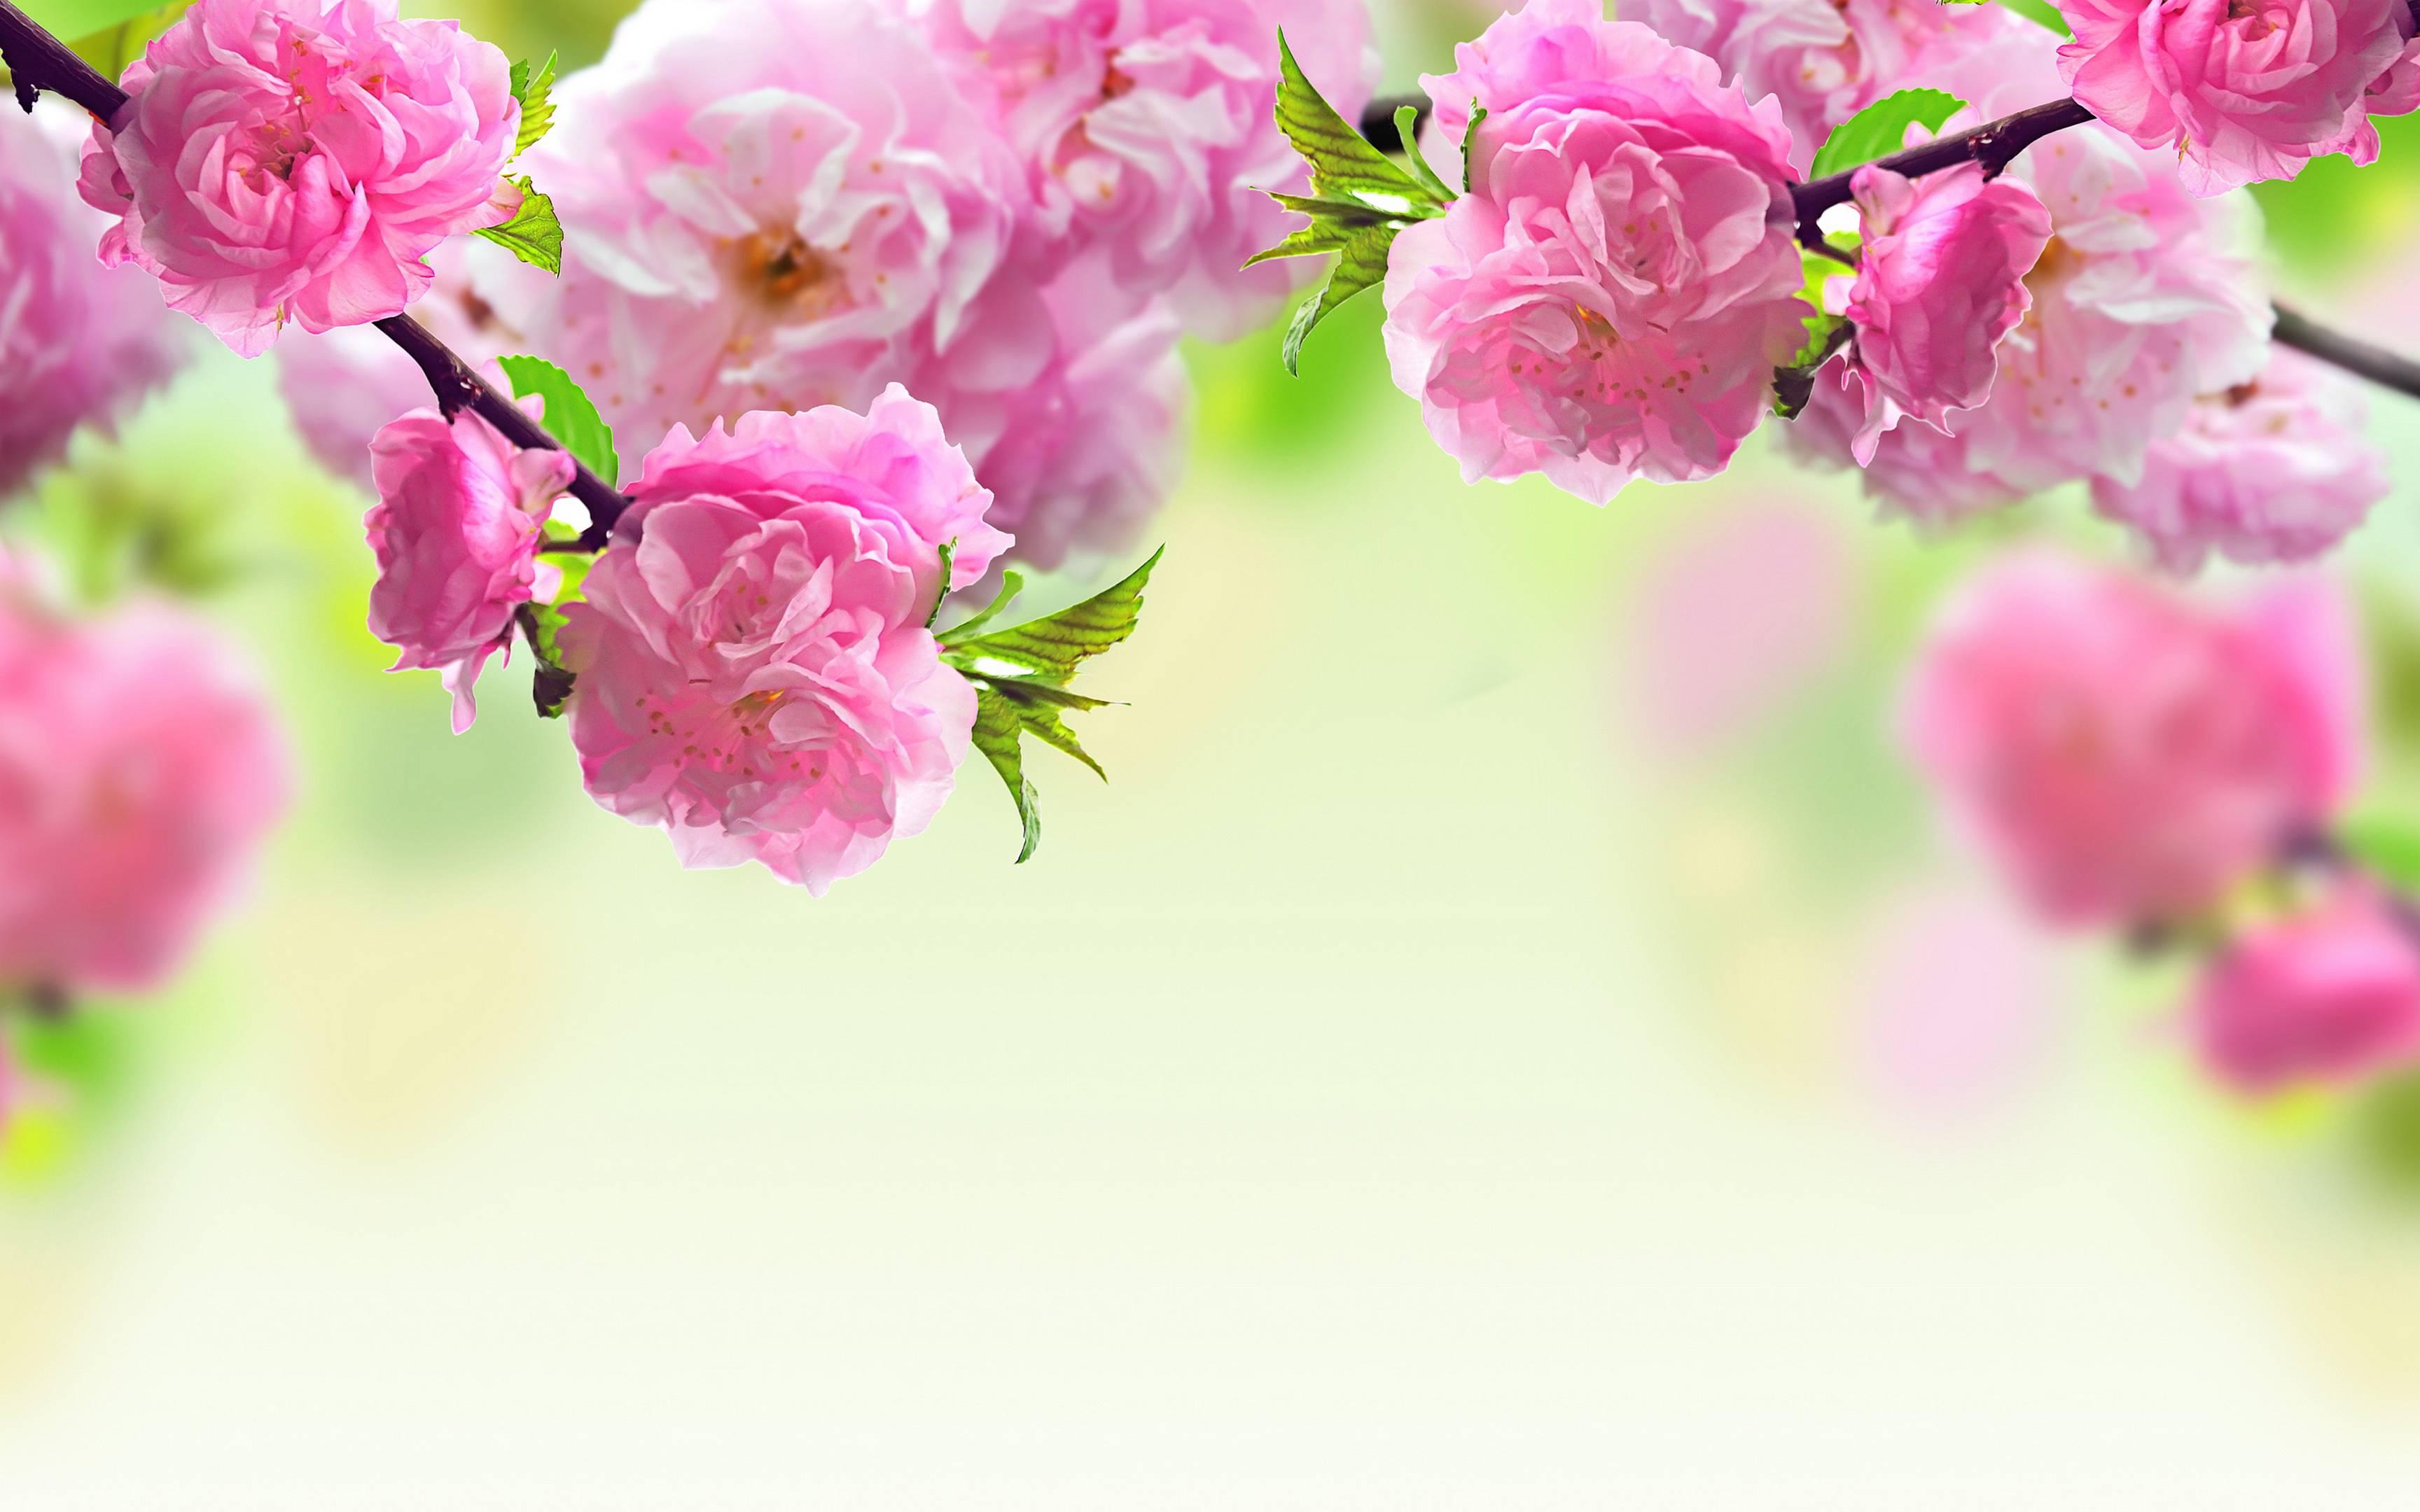 Background wallpaper flowers jpg royalty free Spring Flower Wallpaper Backgrounds - Wallpaper Cave jpg royalty free